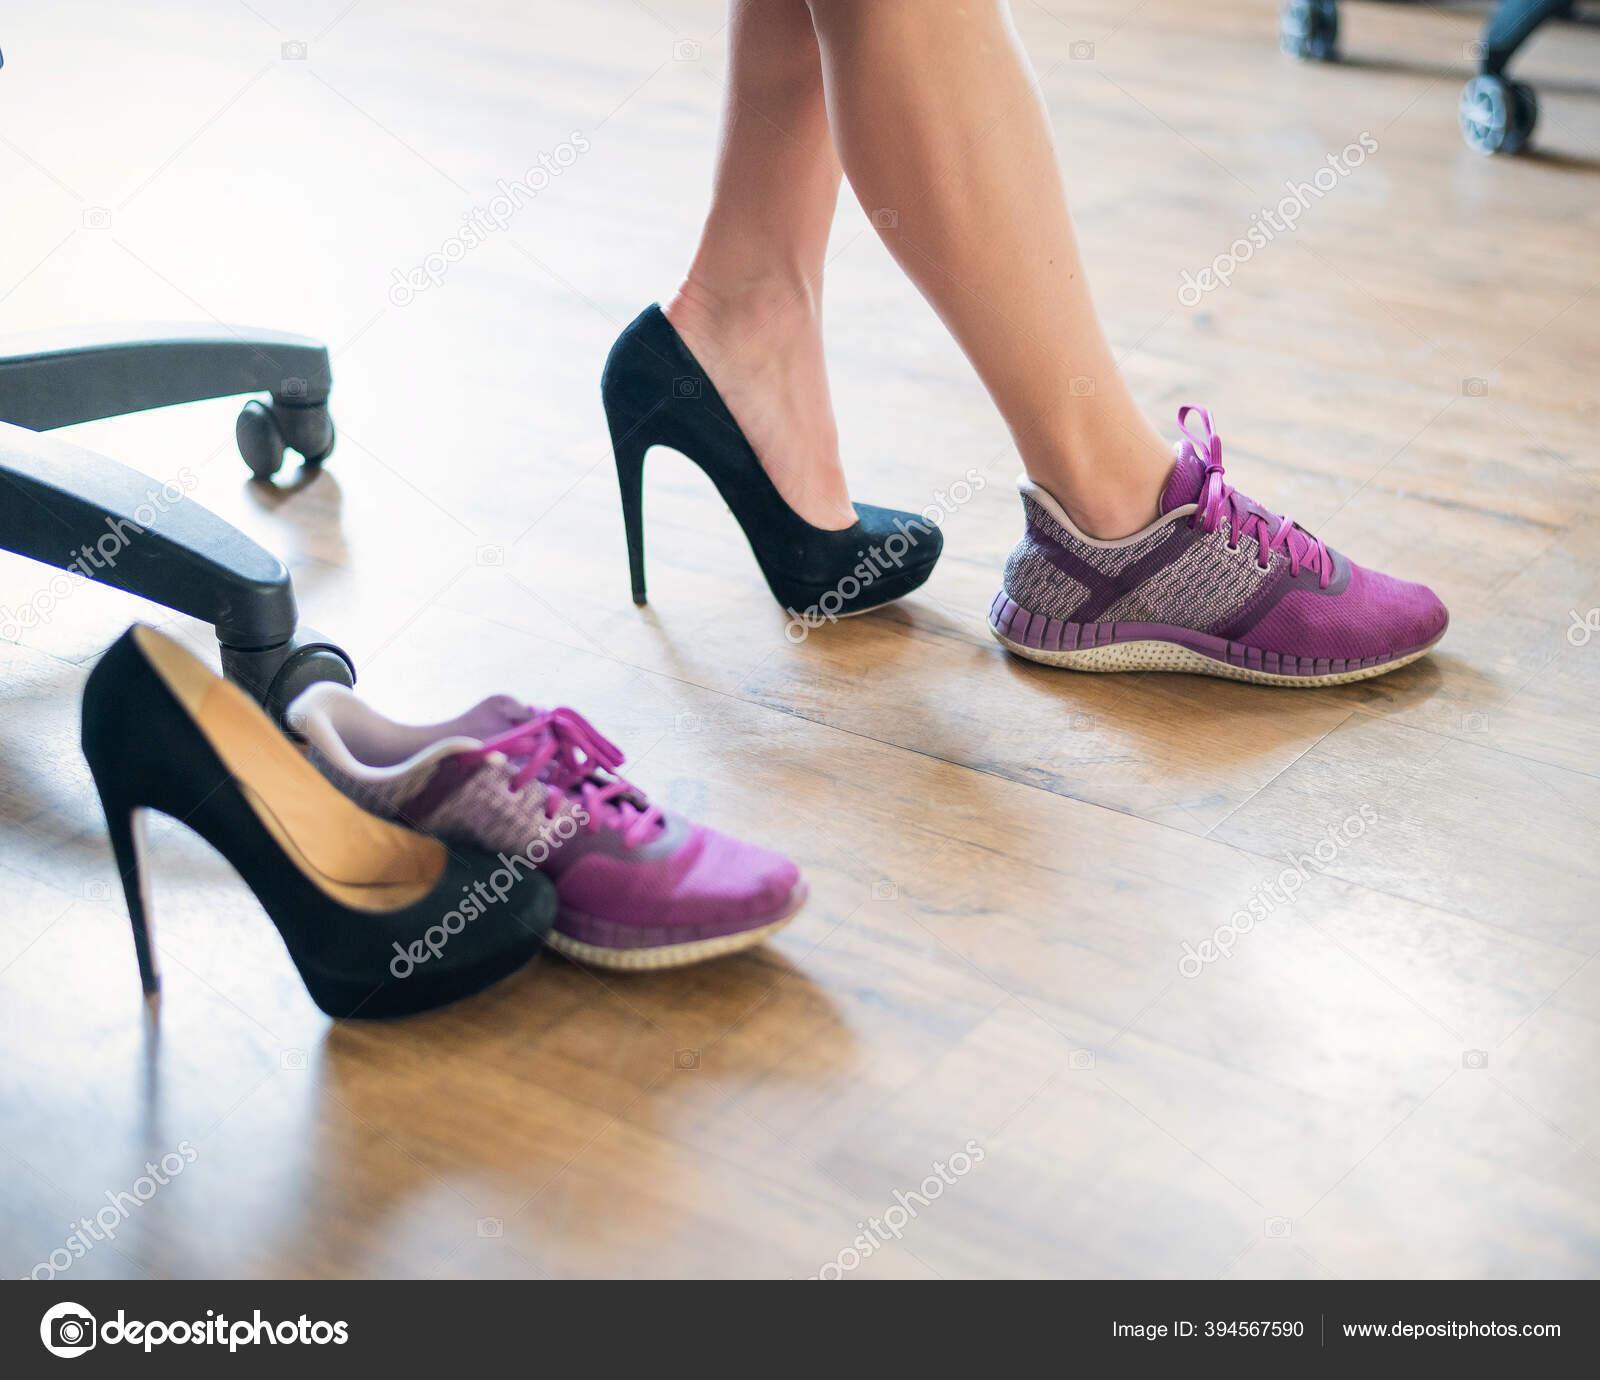 Девушка снимает туфли на работе работа девушкам в новосибирске эскорт